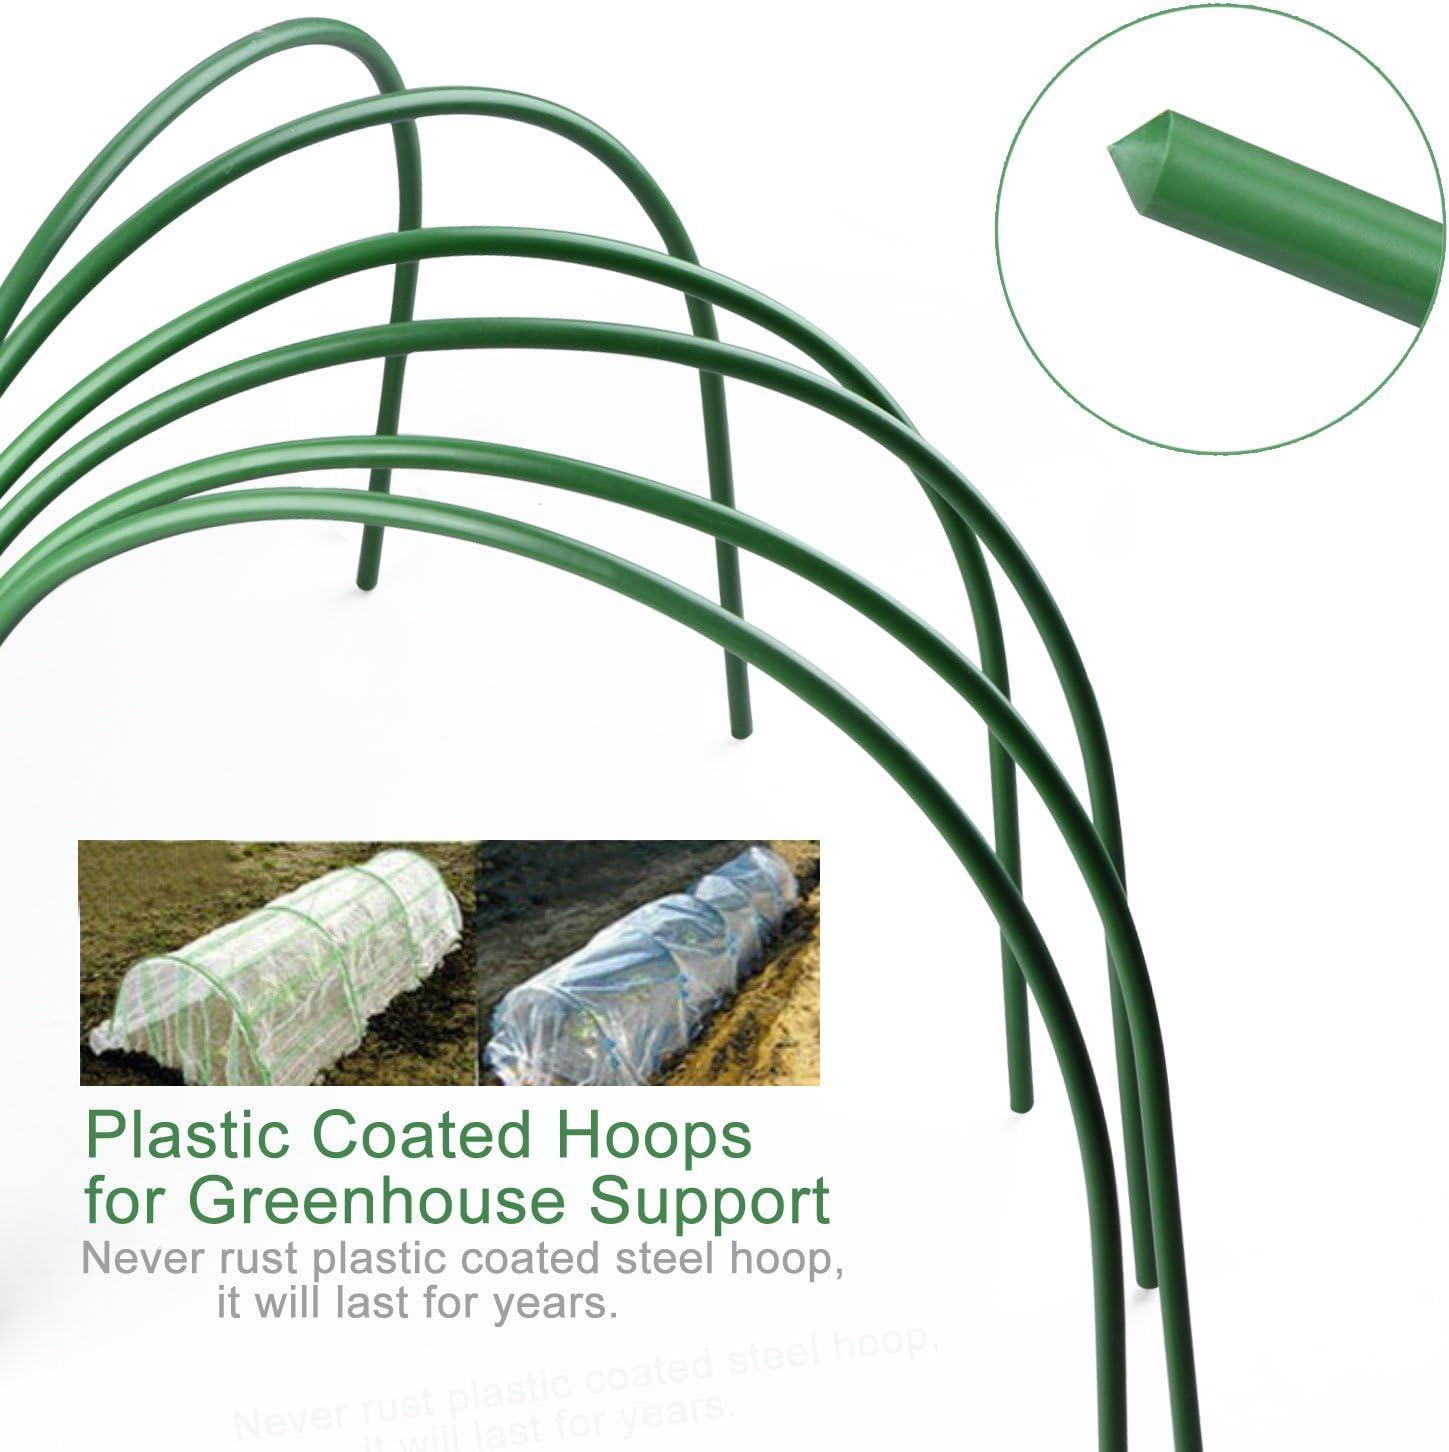 lungo 1,2/m cerchi in acciaio con rivestimento in plastica supporto per giardino tessuto Lulalula 6-pack serra a cerchio inossidabile tunnel con cerchi